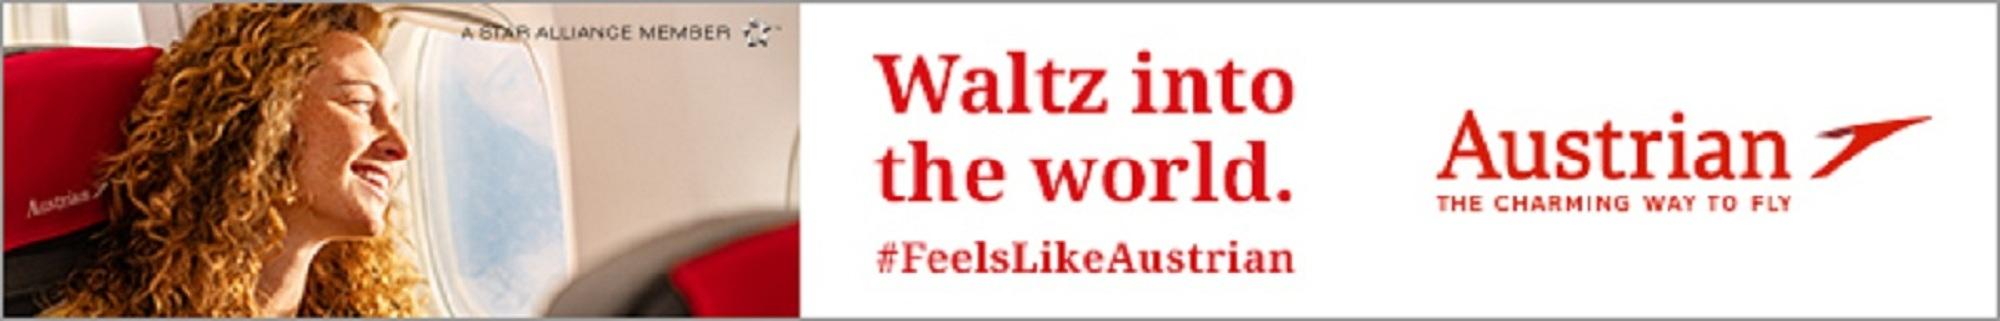 الخطوط الجوية النمساوية تعلن عن انخفاض كبير في الأرباح